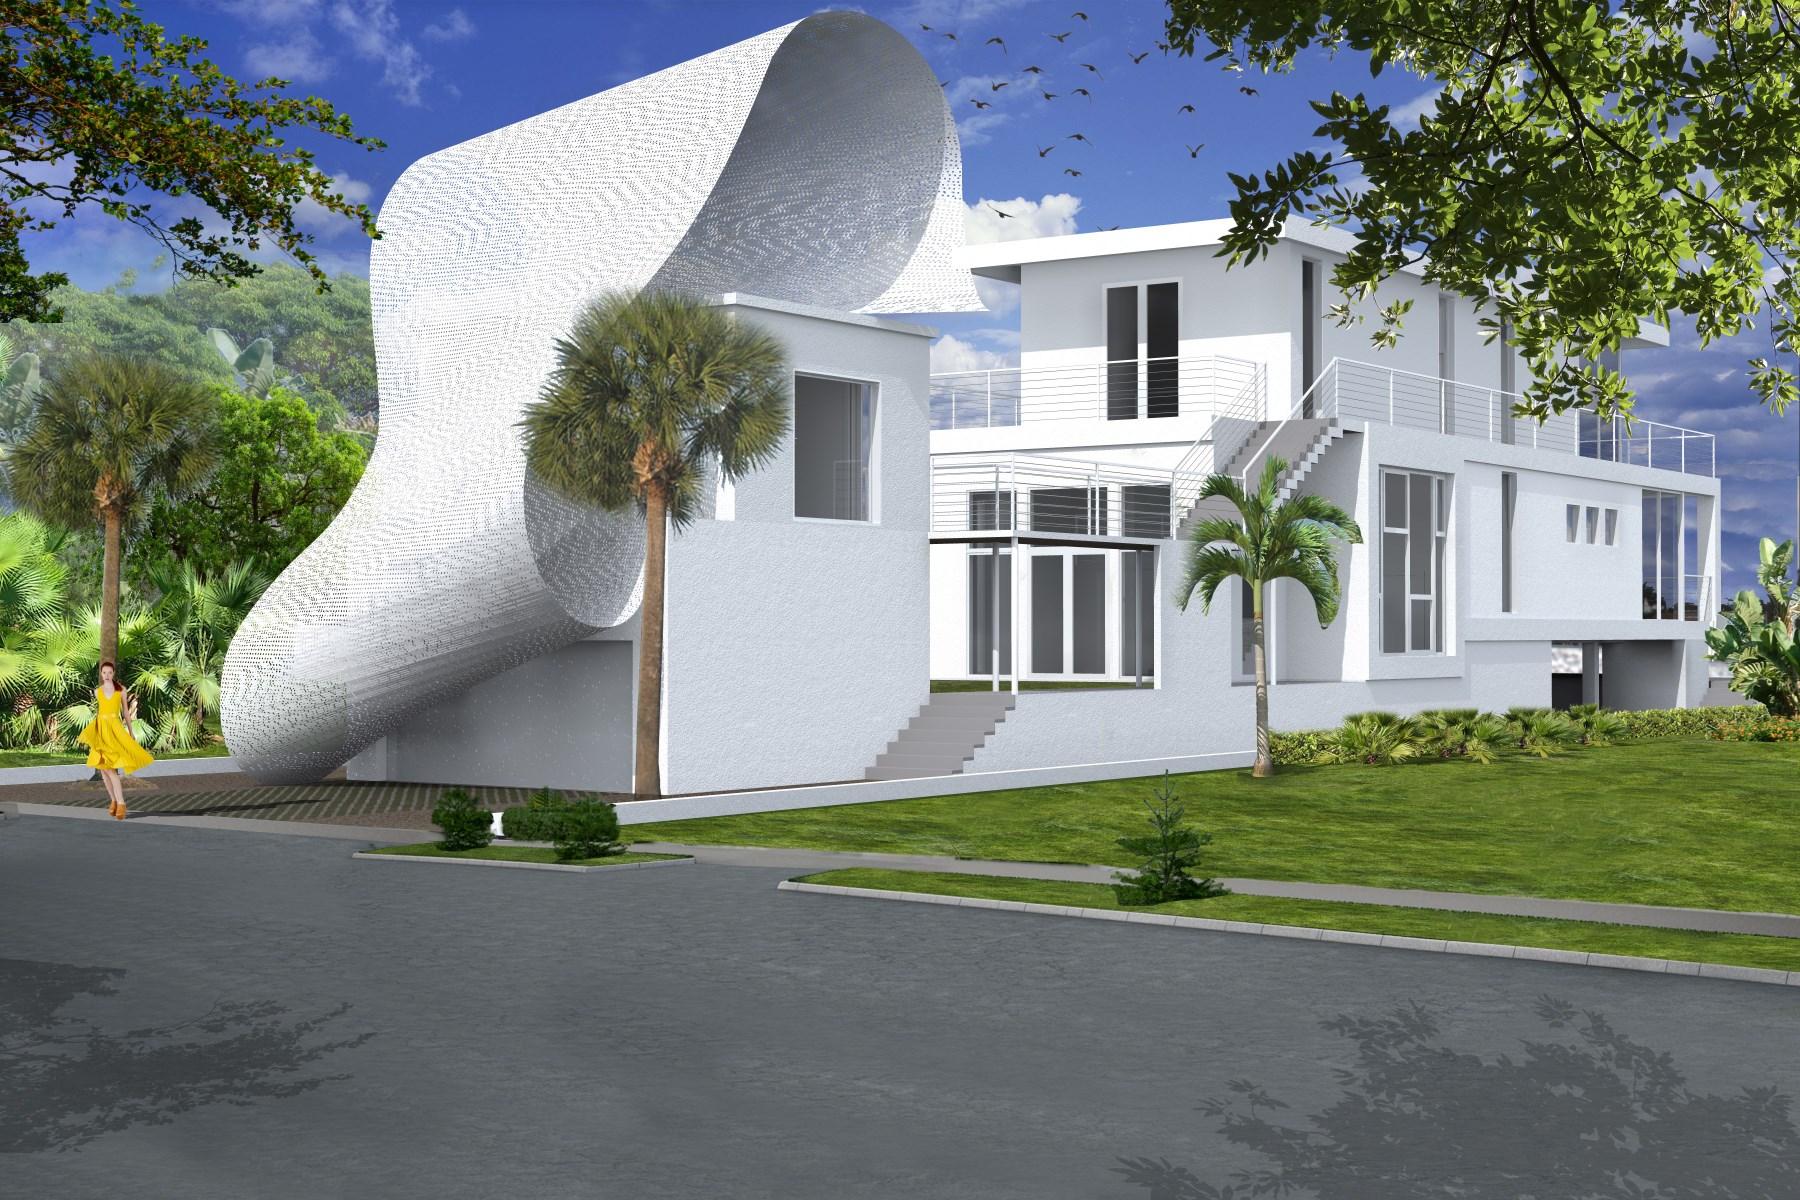 Einfamilienhaus für Verkauf beim Contemporary Green Home on Intracoastal 321 S Atlantic Dr Lantana, Florida 33462 Vereinigte Staaten